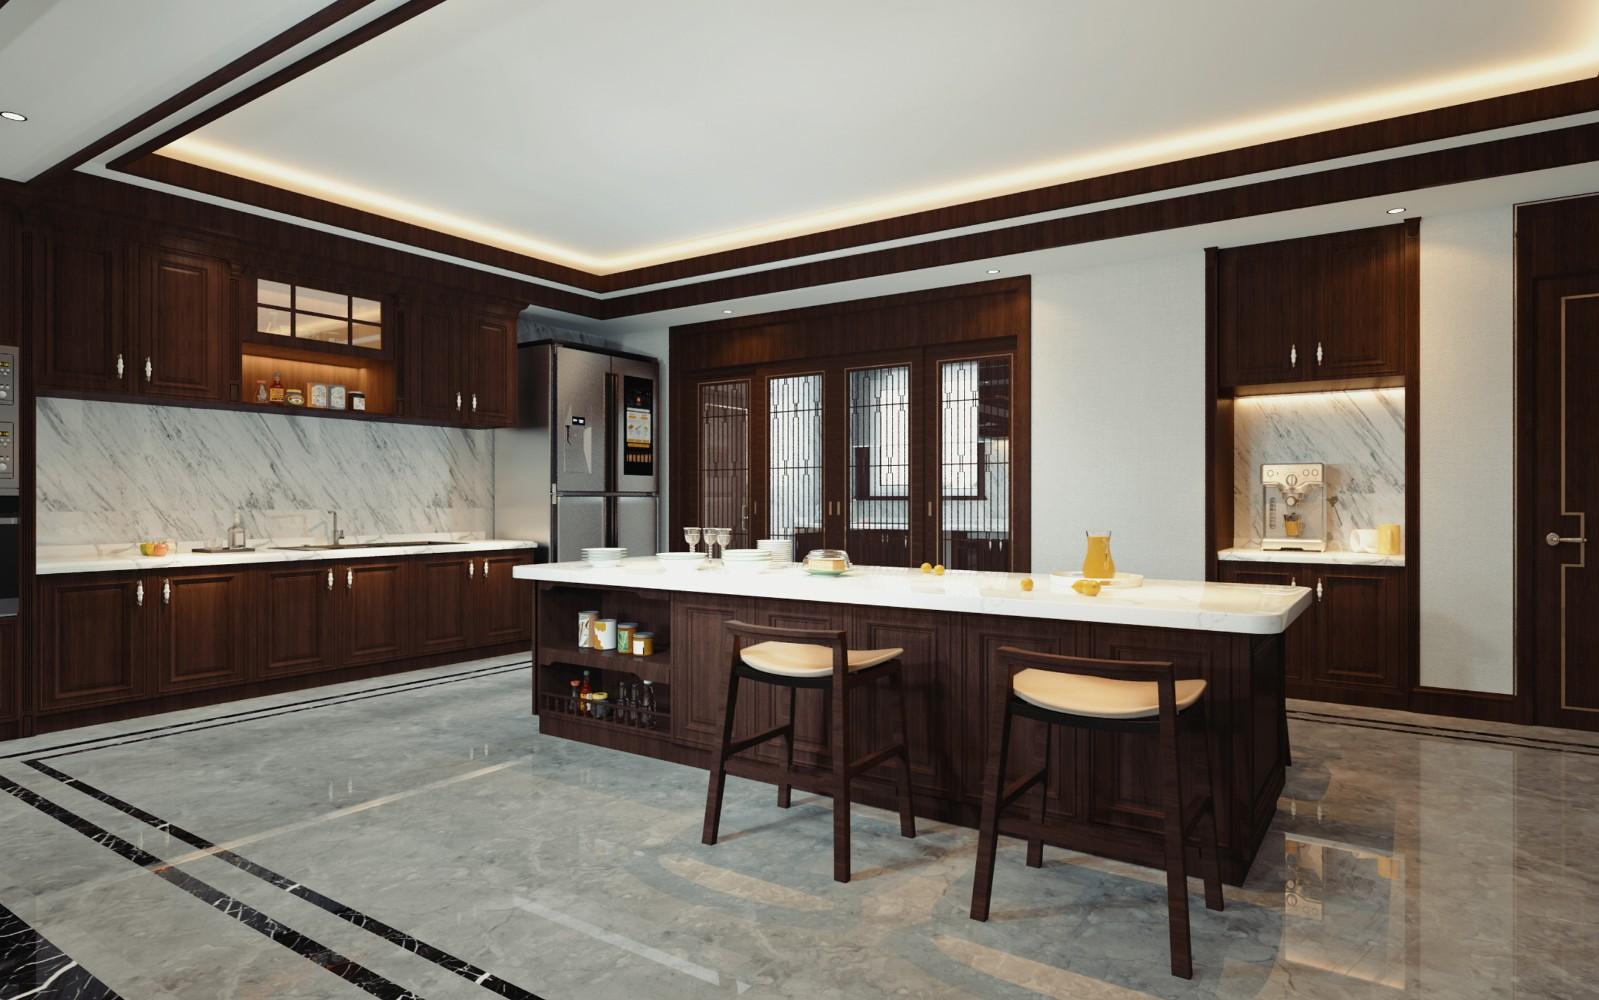 2020新中式厨房装修图 2020新中式厨房岛台装饰设计